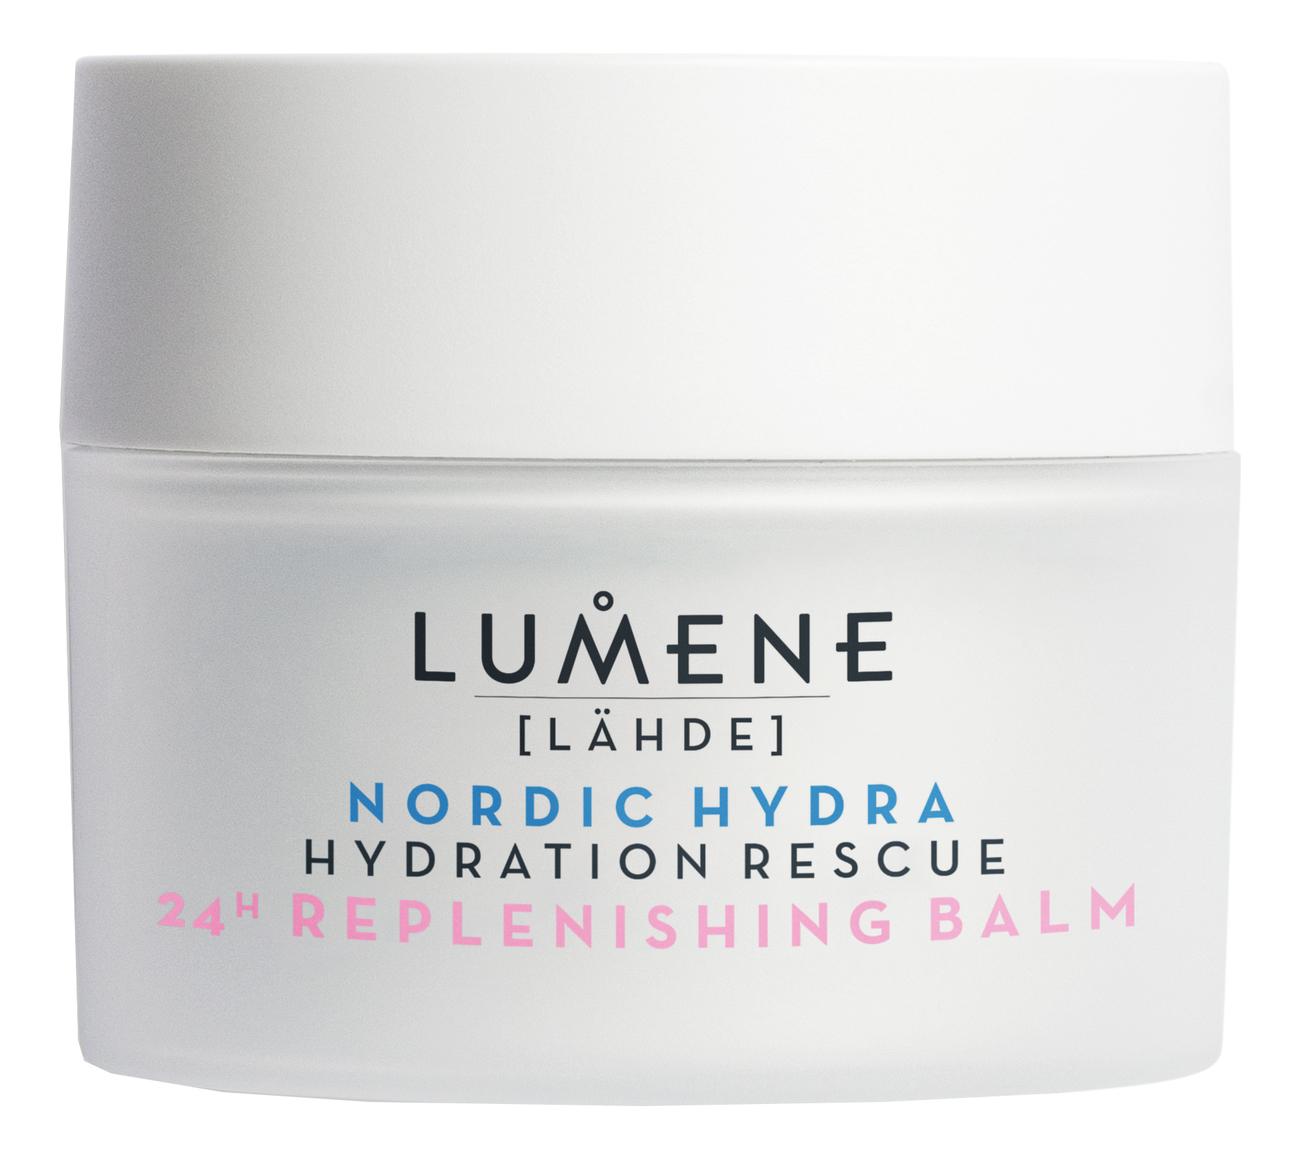 Увлажняющий питательный бальзам 24 часа Nordic Hydra Hydration Rescue 24H Replenishing Balm 50мл недорого